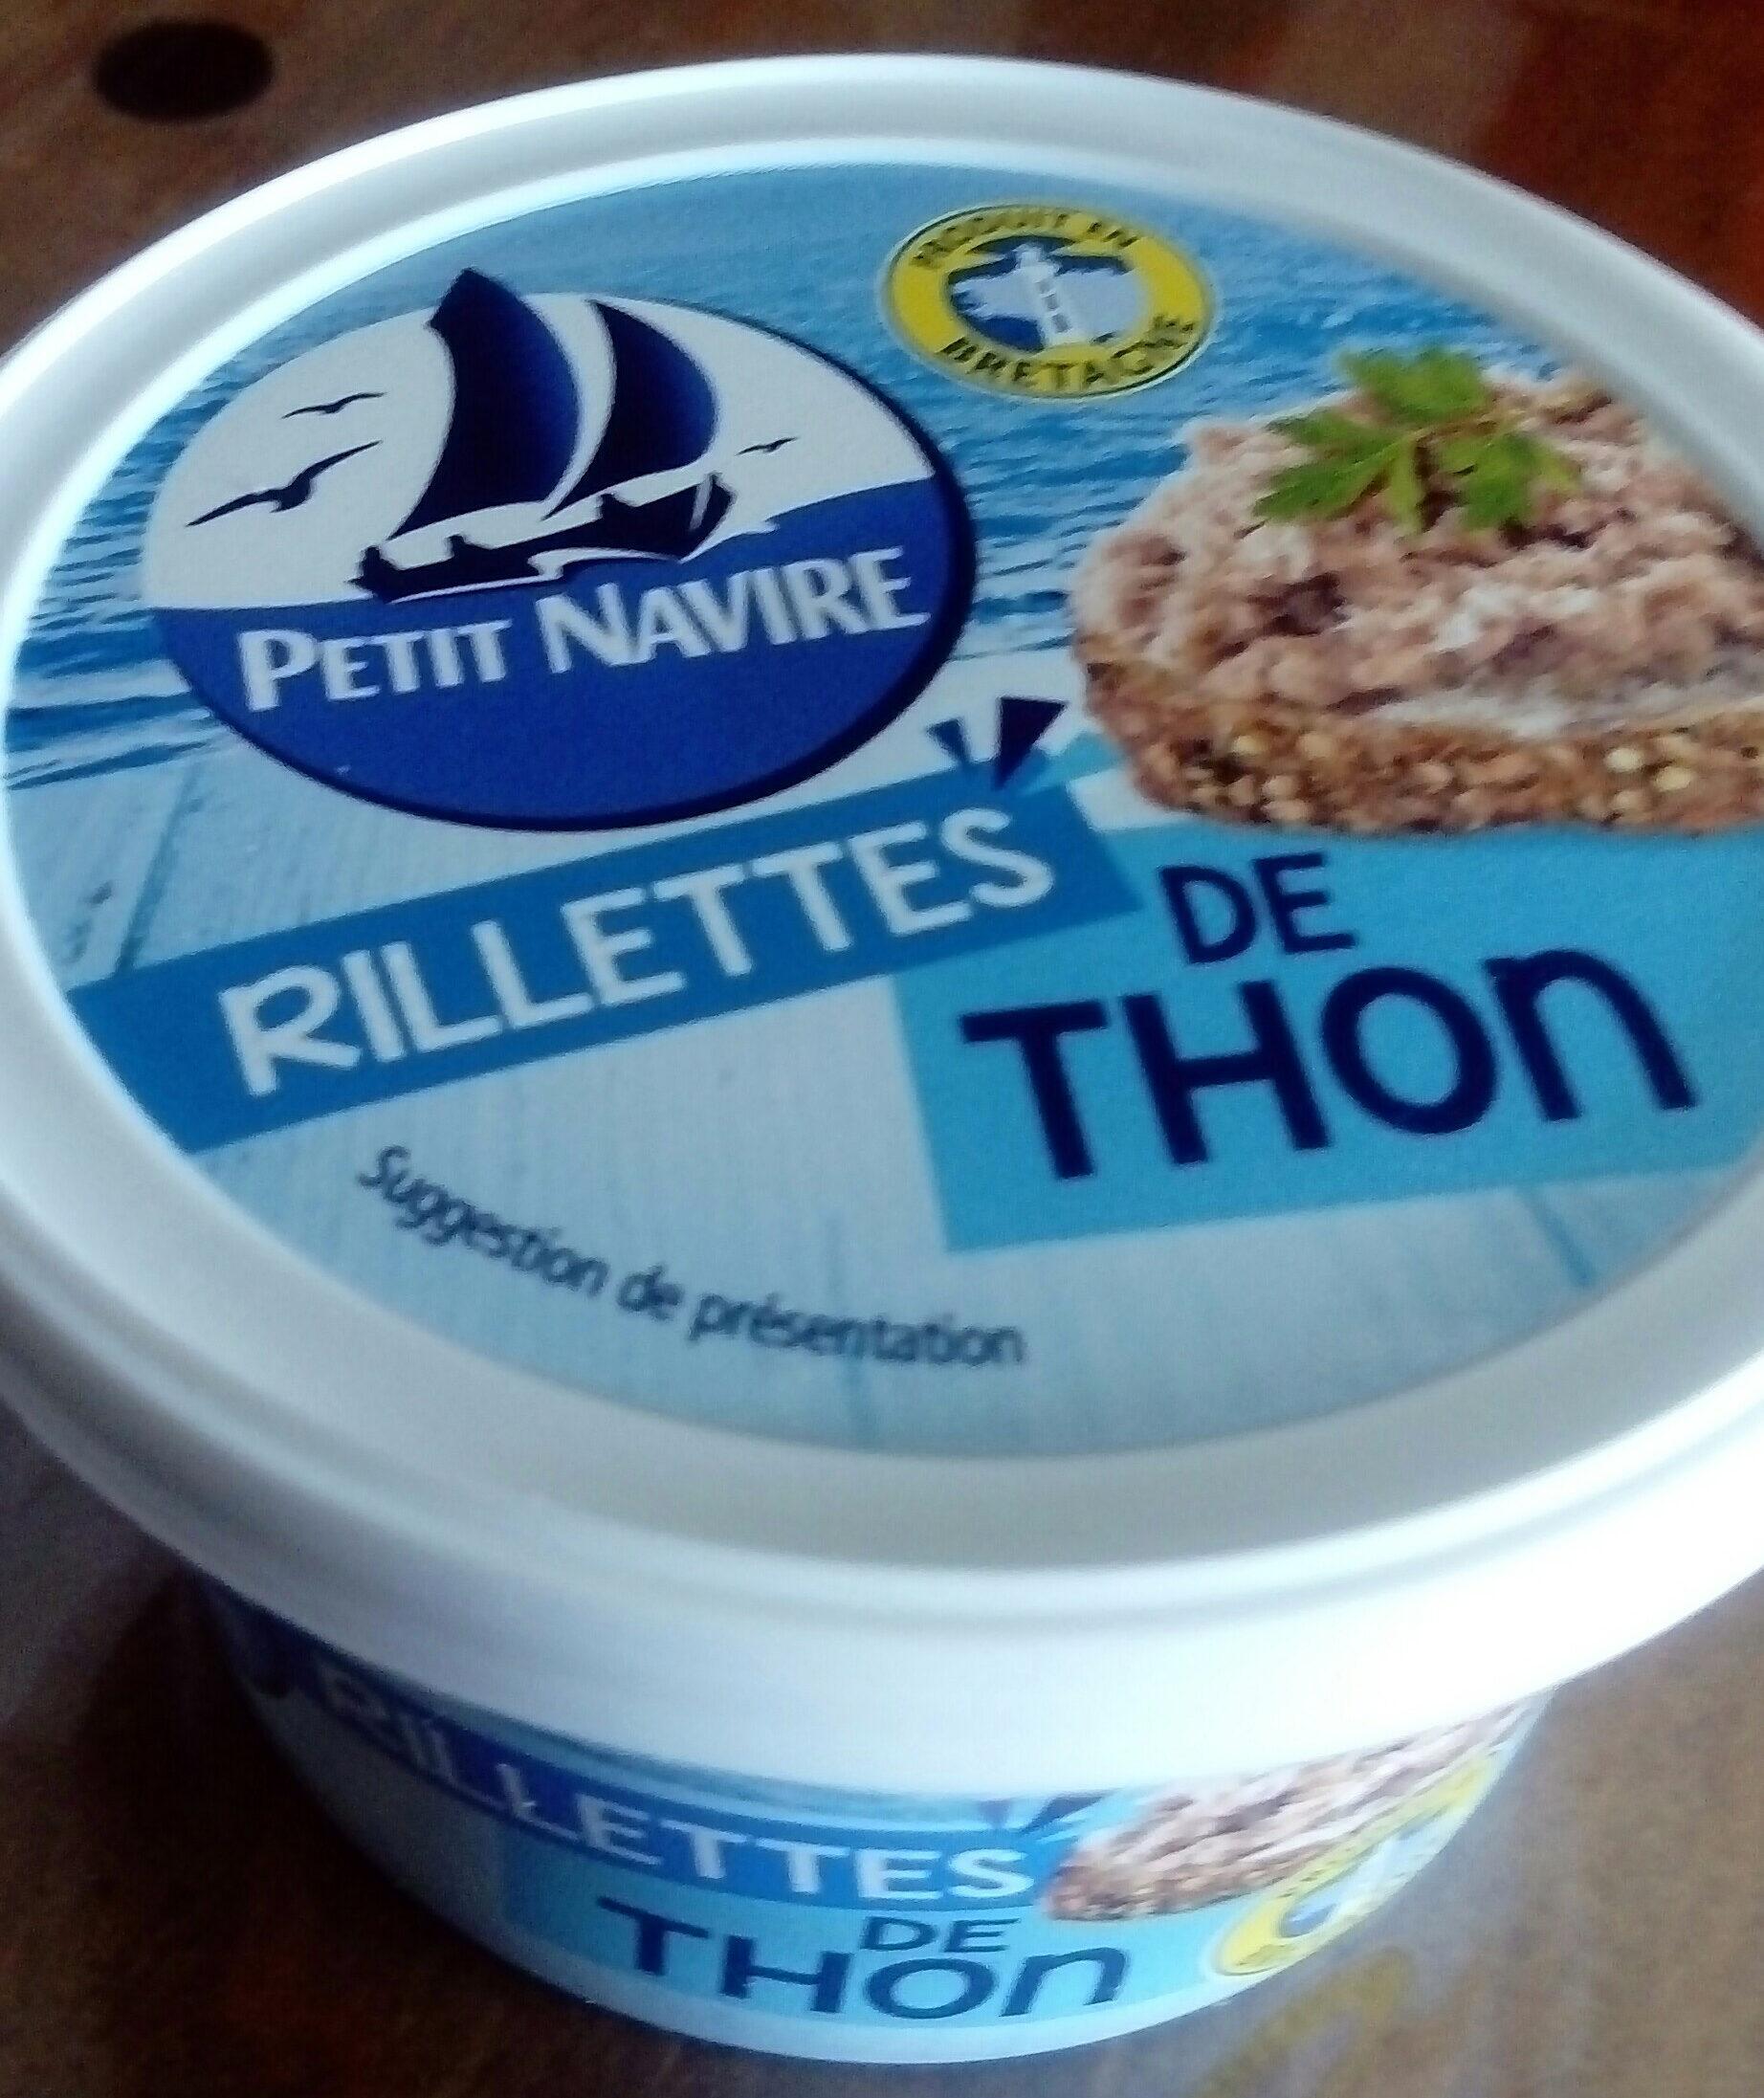 Rillettes thon - Produit - fr